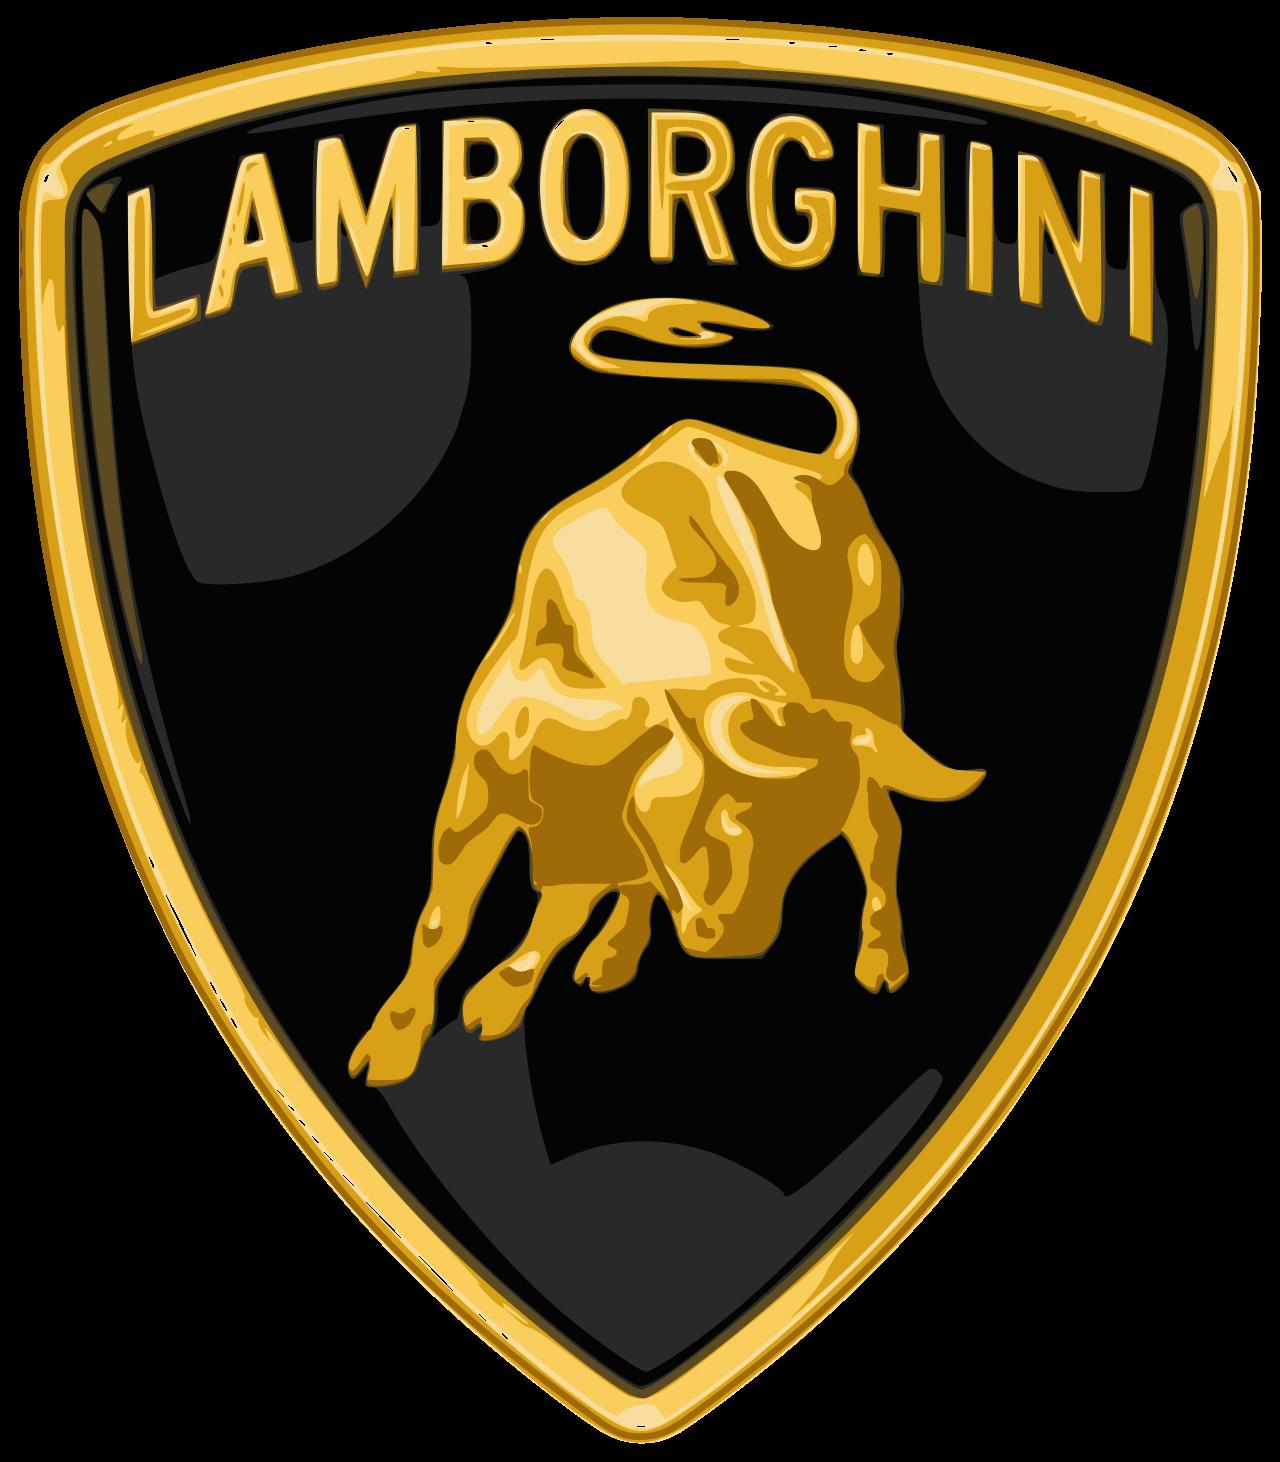 lamborghini эмблема